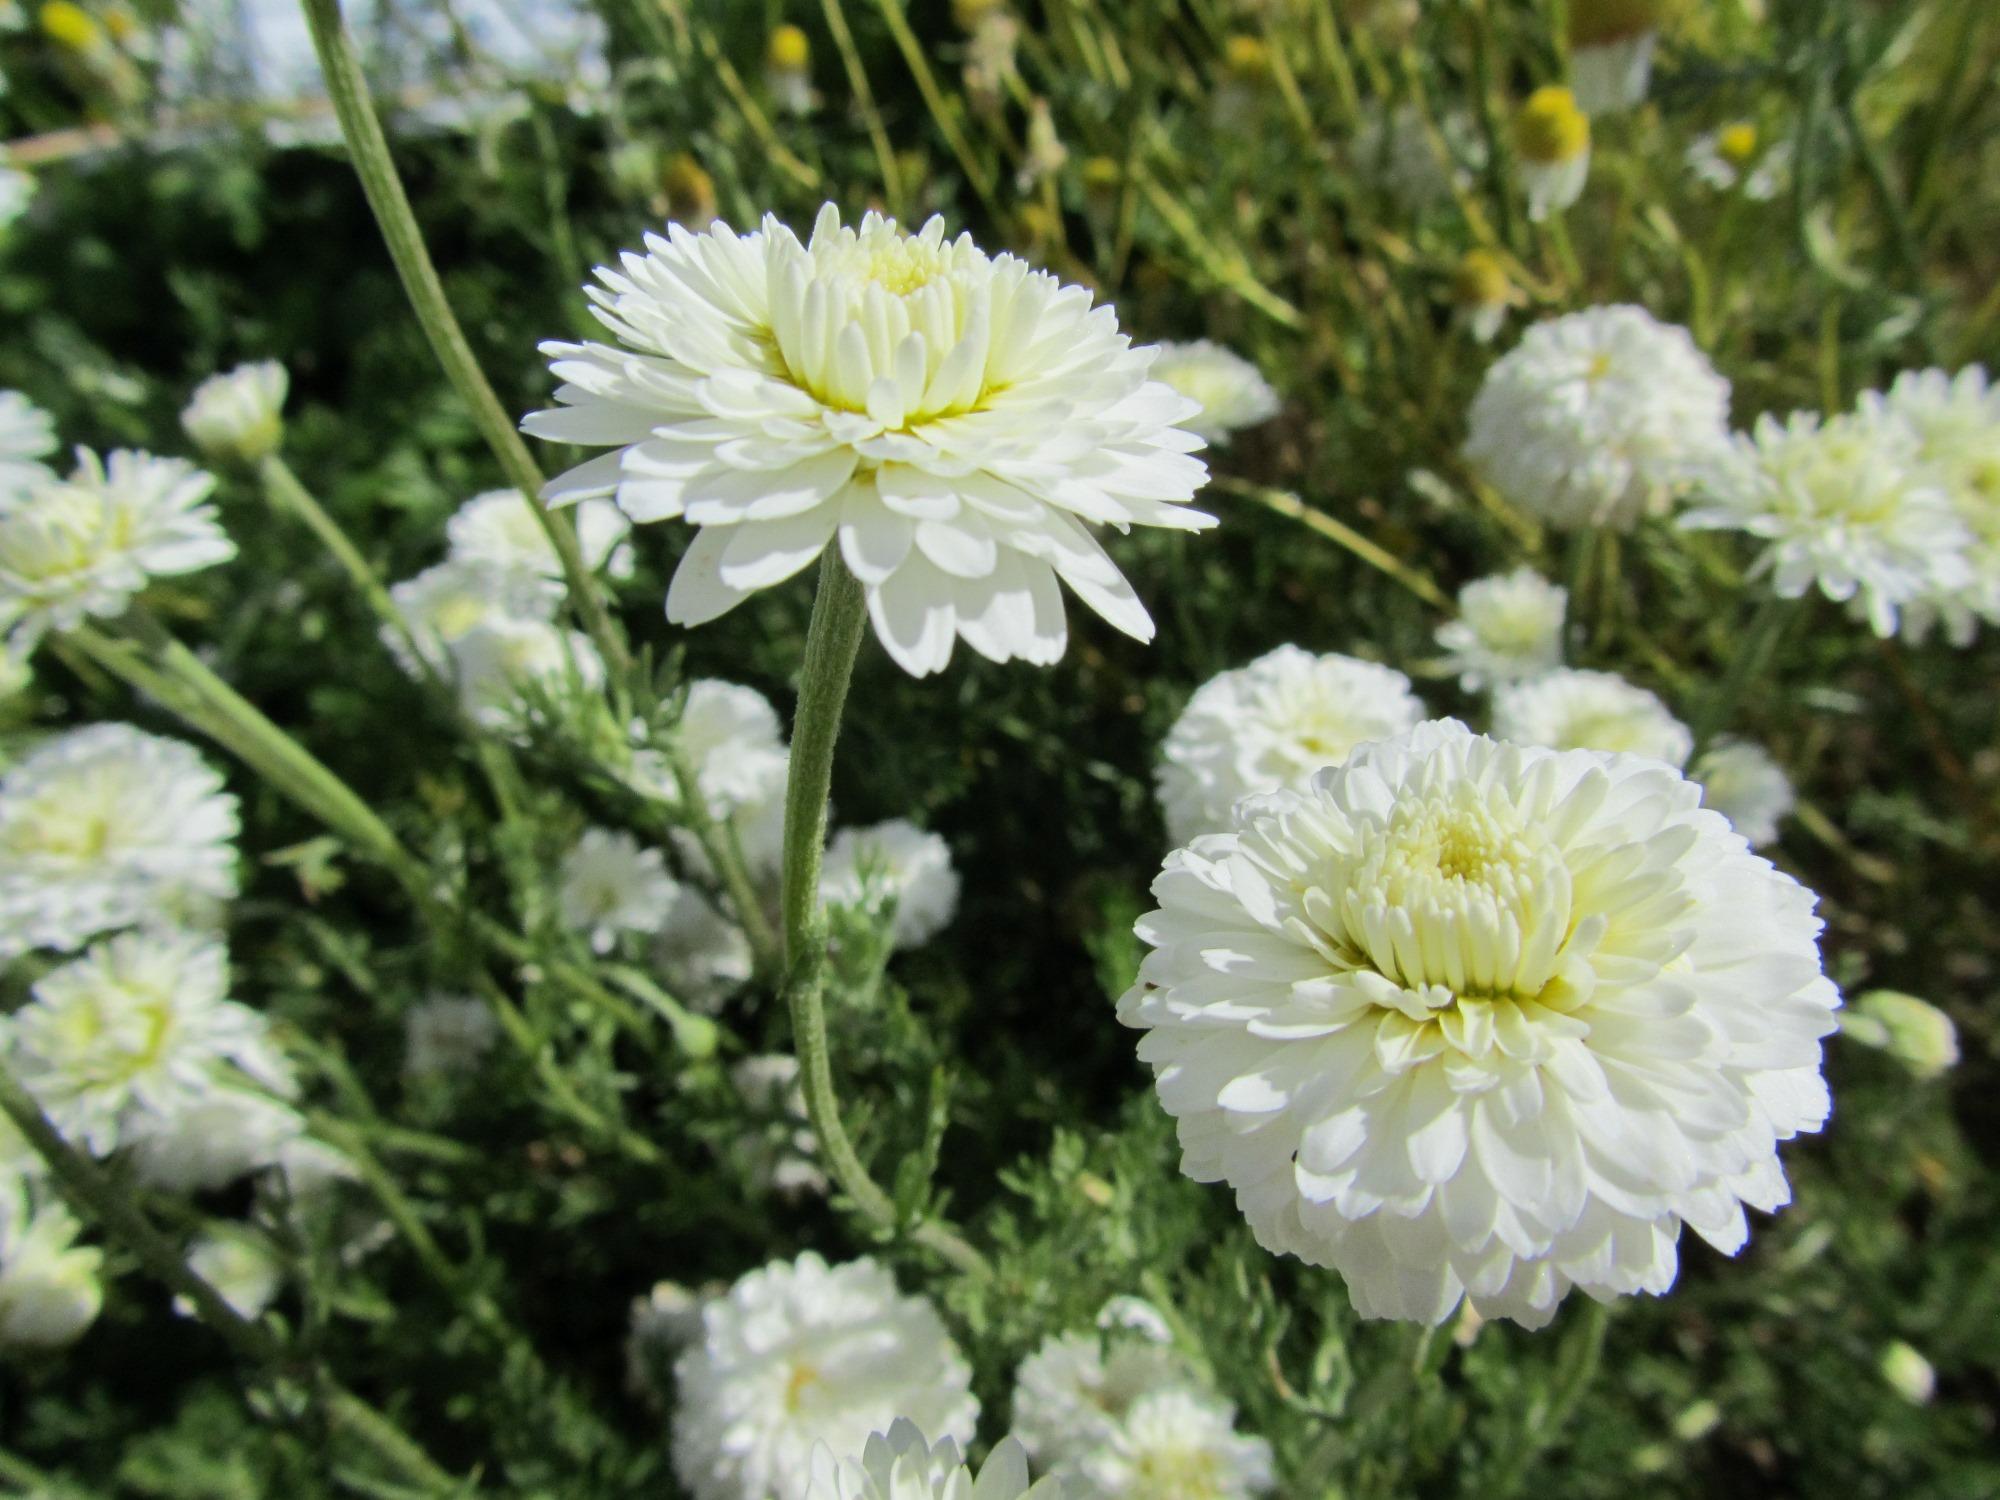 mutants  hybrides  clones  st u00e9rilit u00e9 chez les aromates